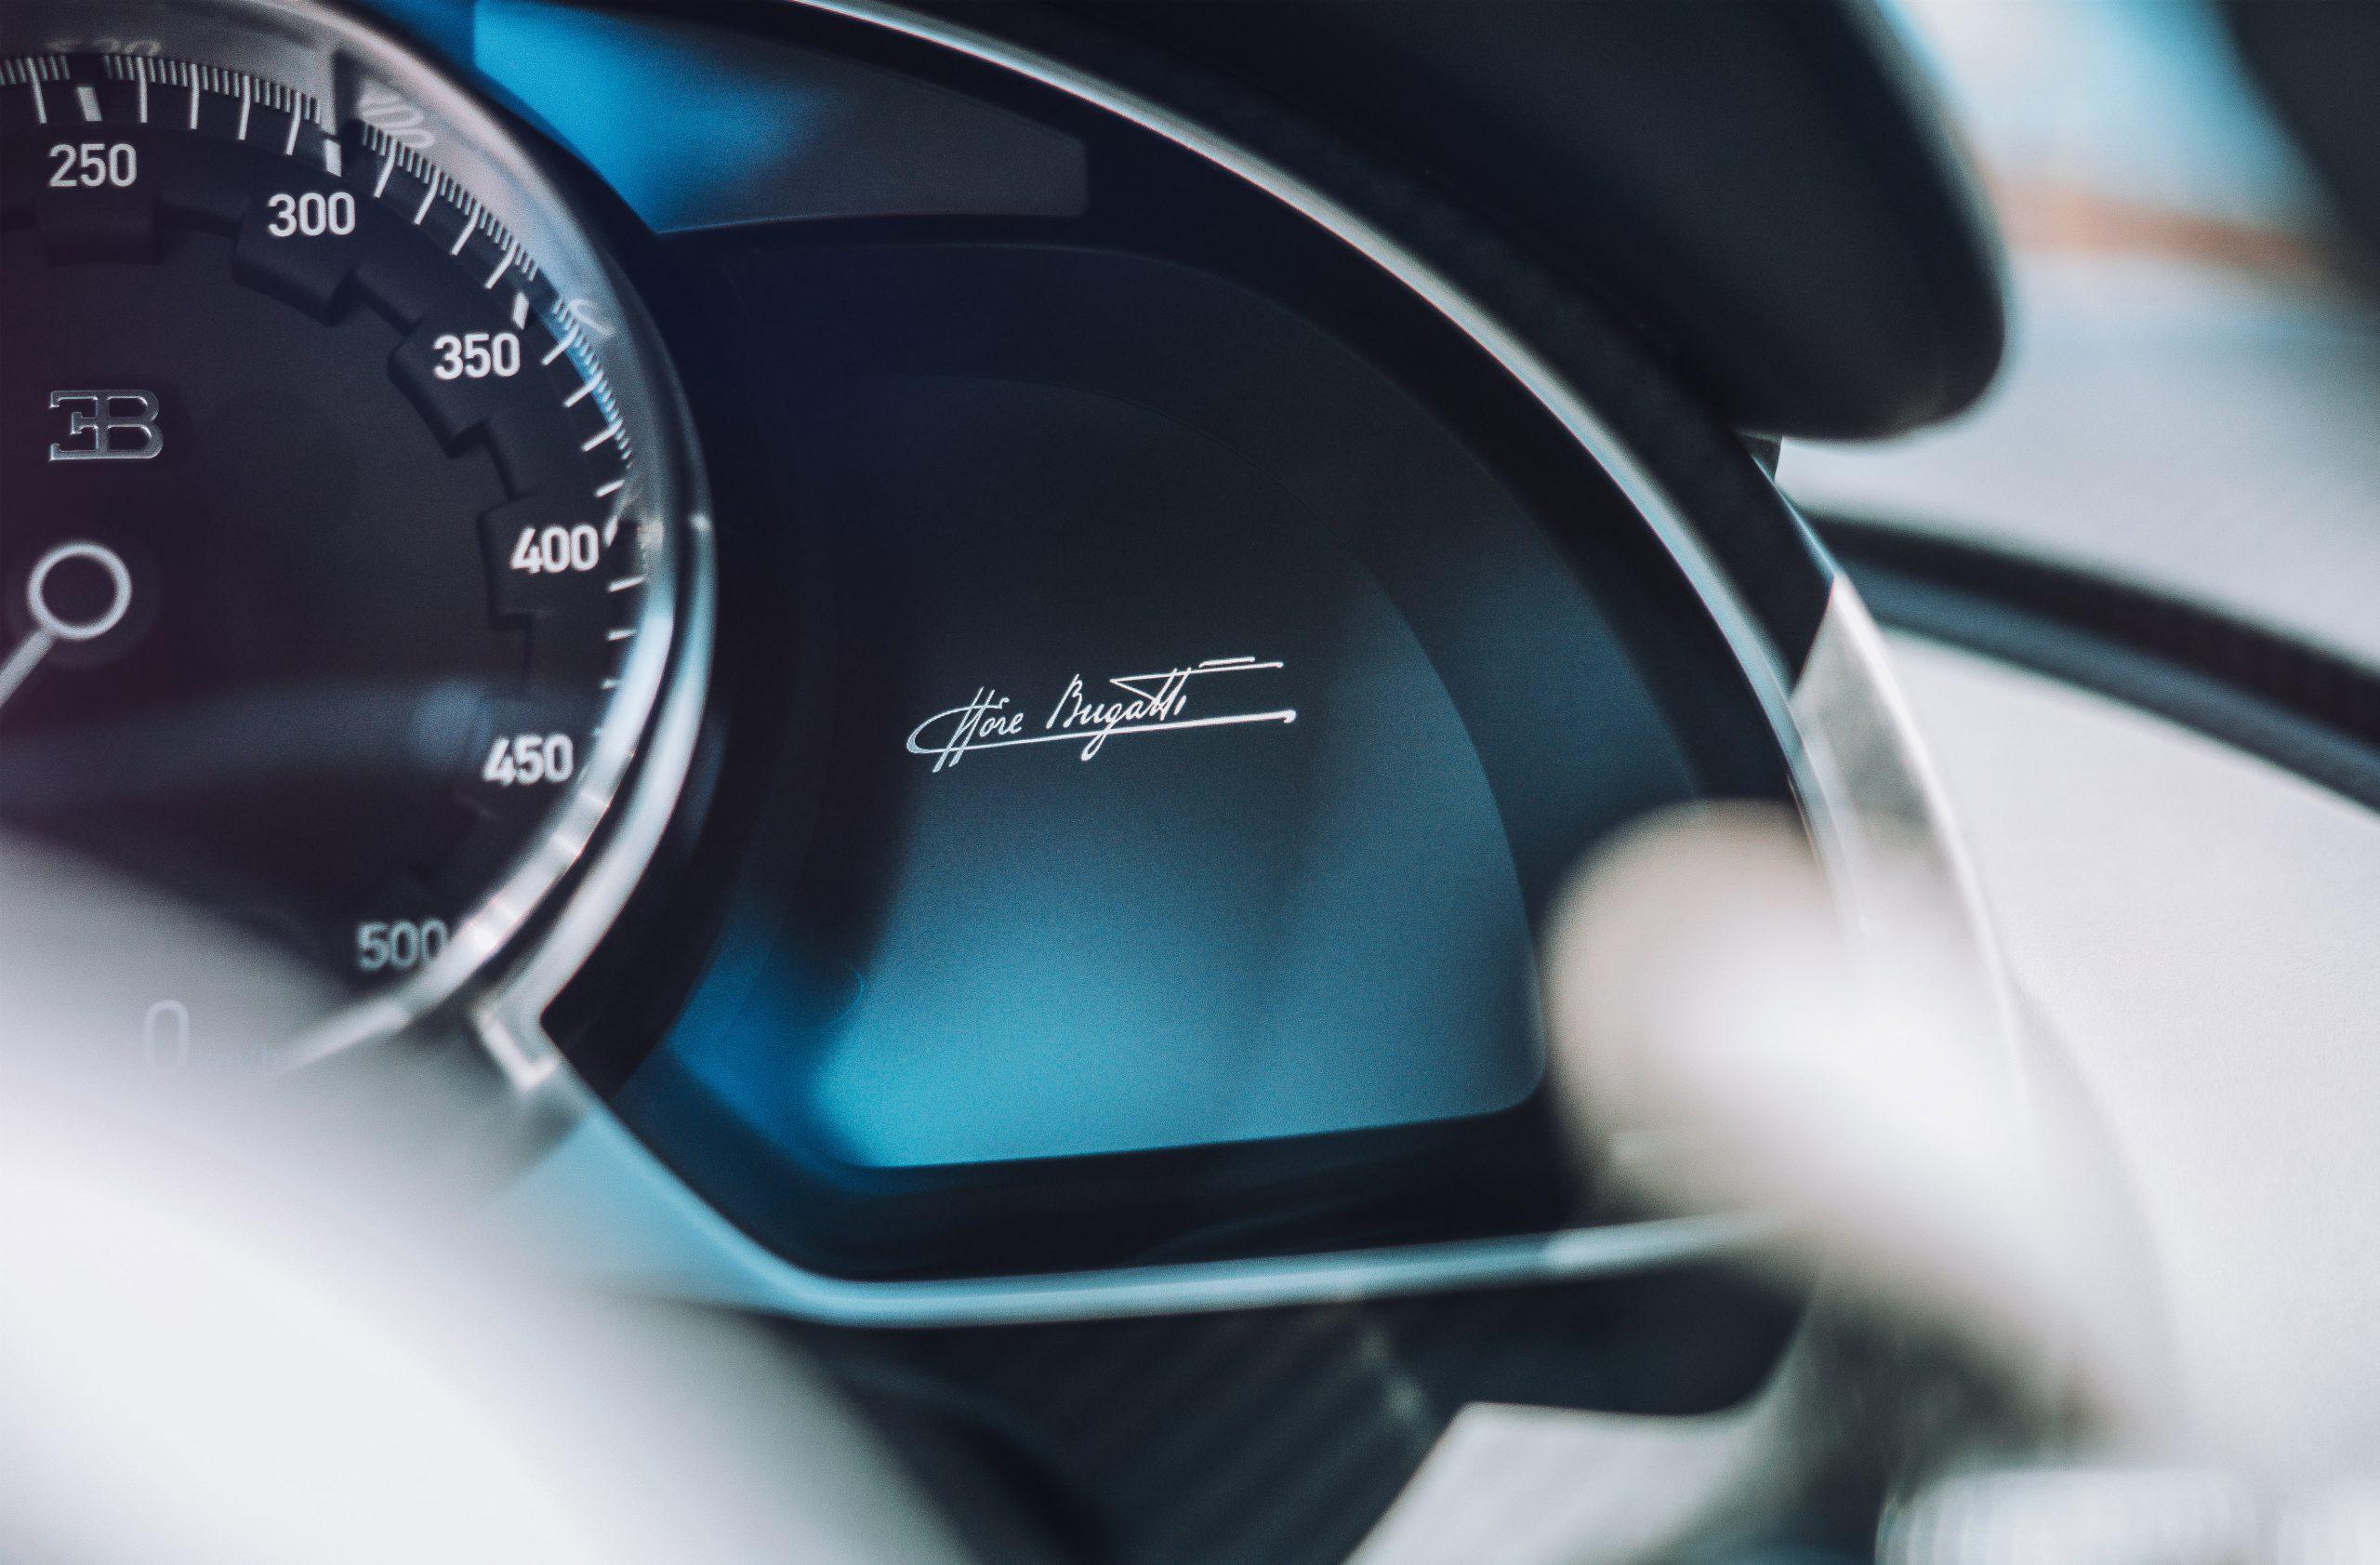 Bugatti Divo detail shot interior instrument cluster tachometer